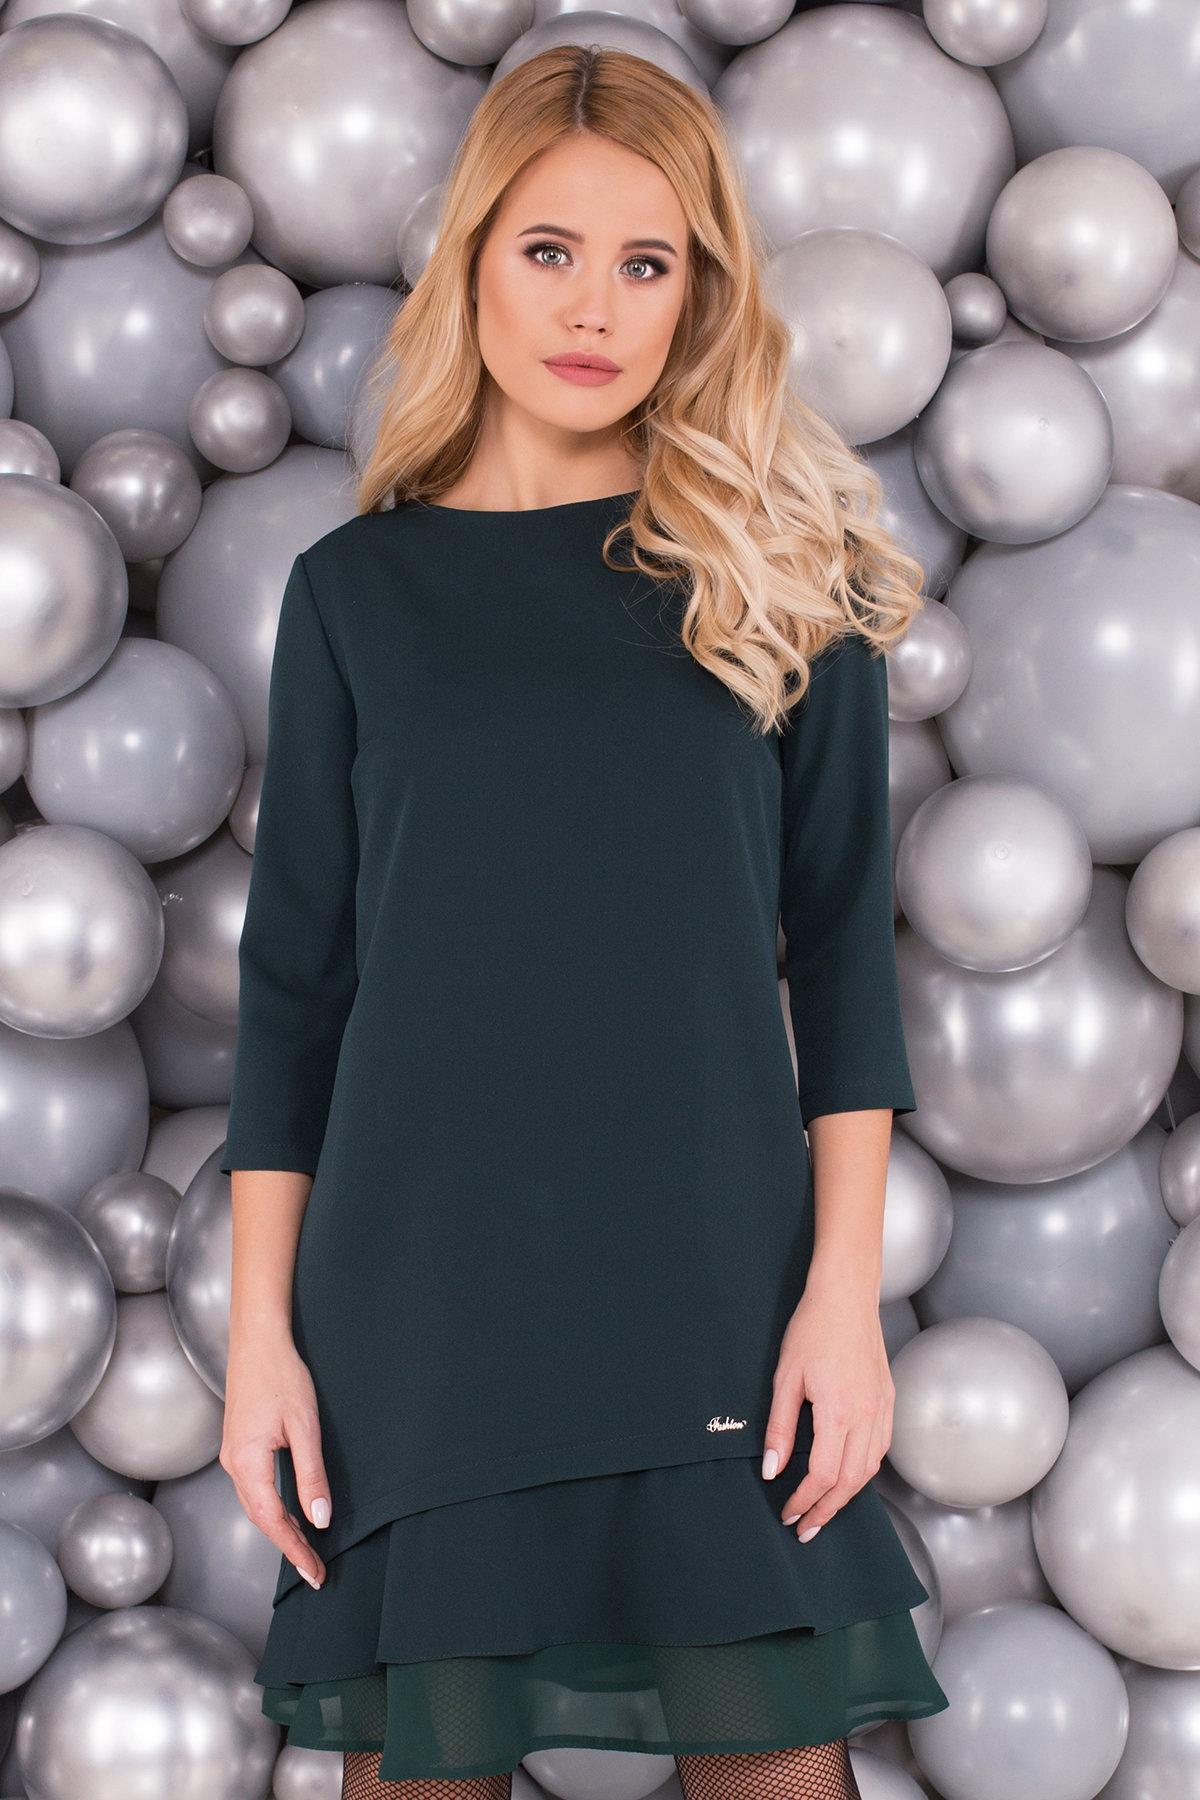 Платье Холли 5952 АРТ. 40638 Цвет: Т.зеленый - фото 3, интернет магазин tm-modus.ru